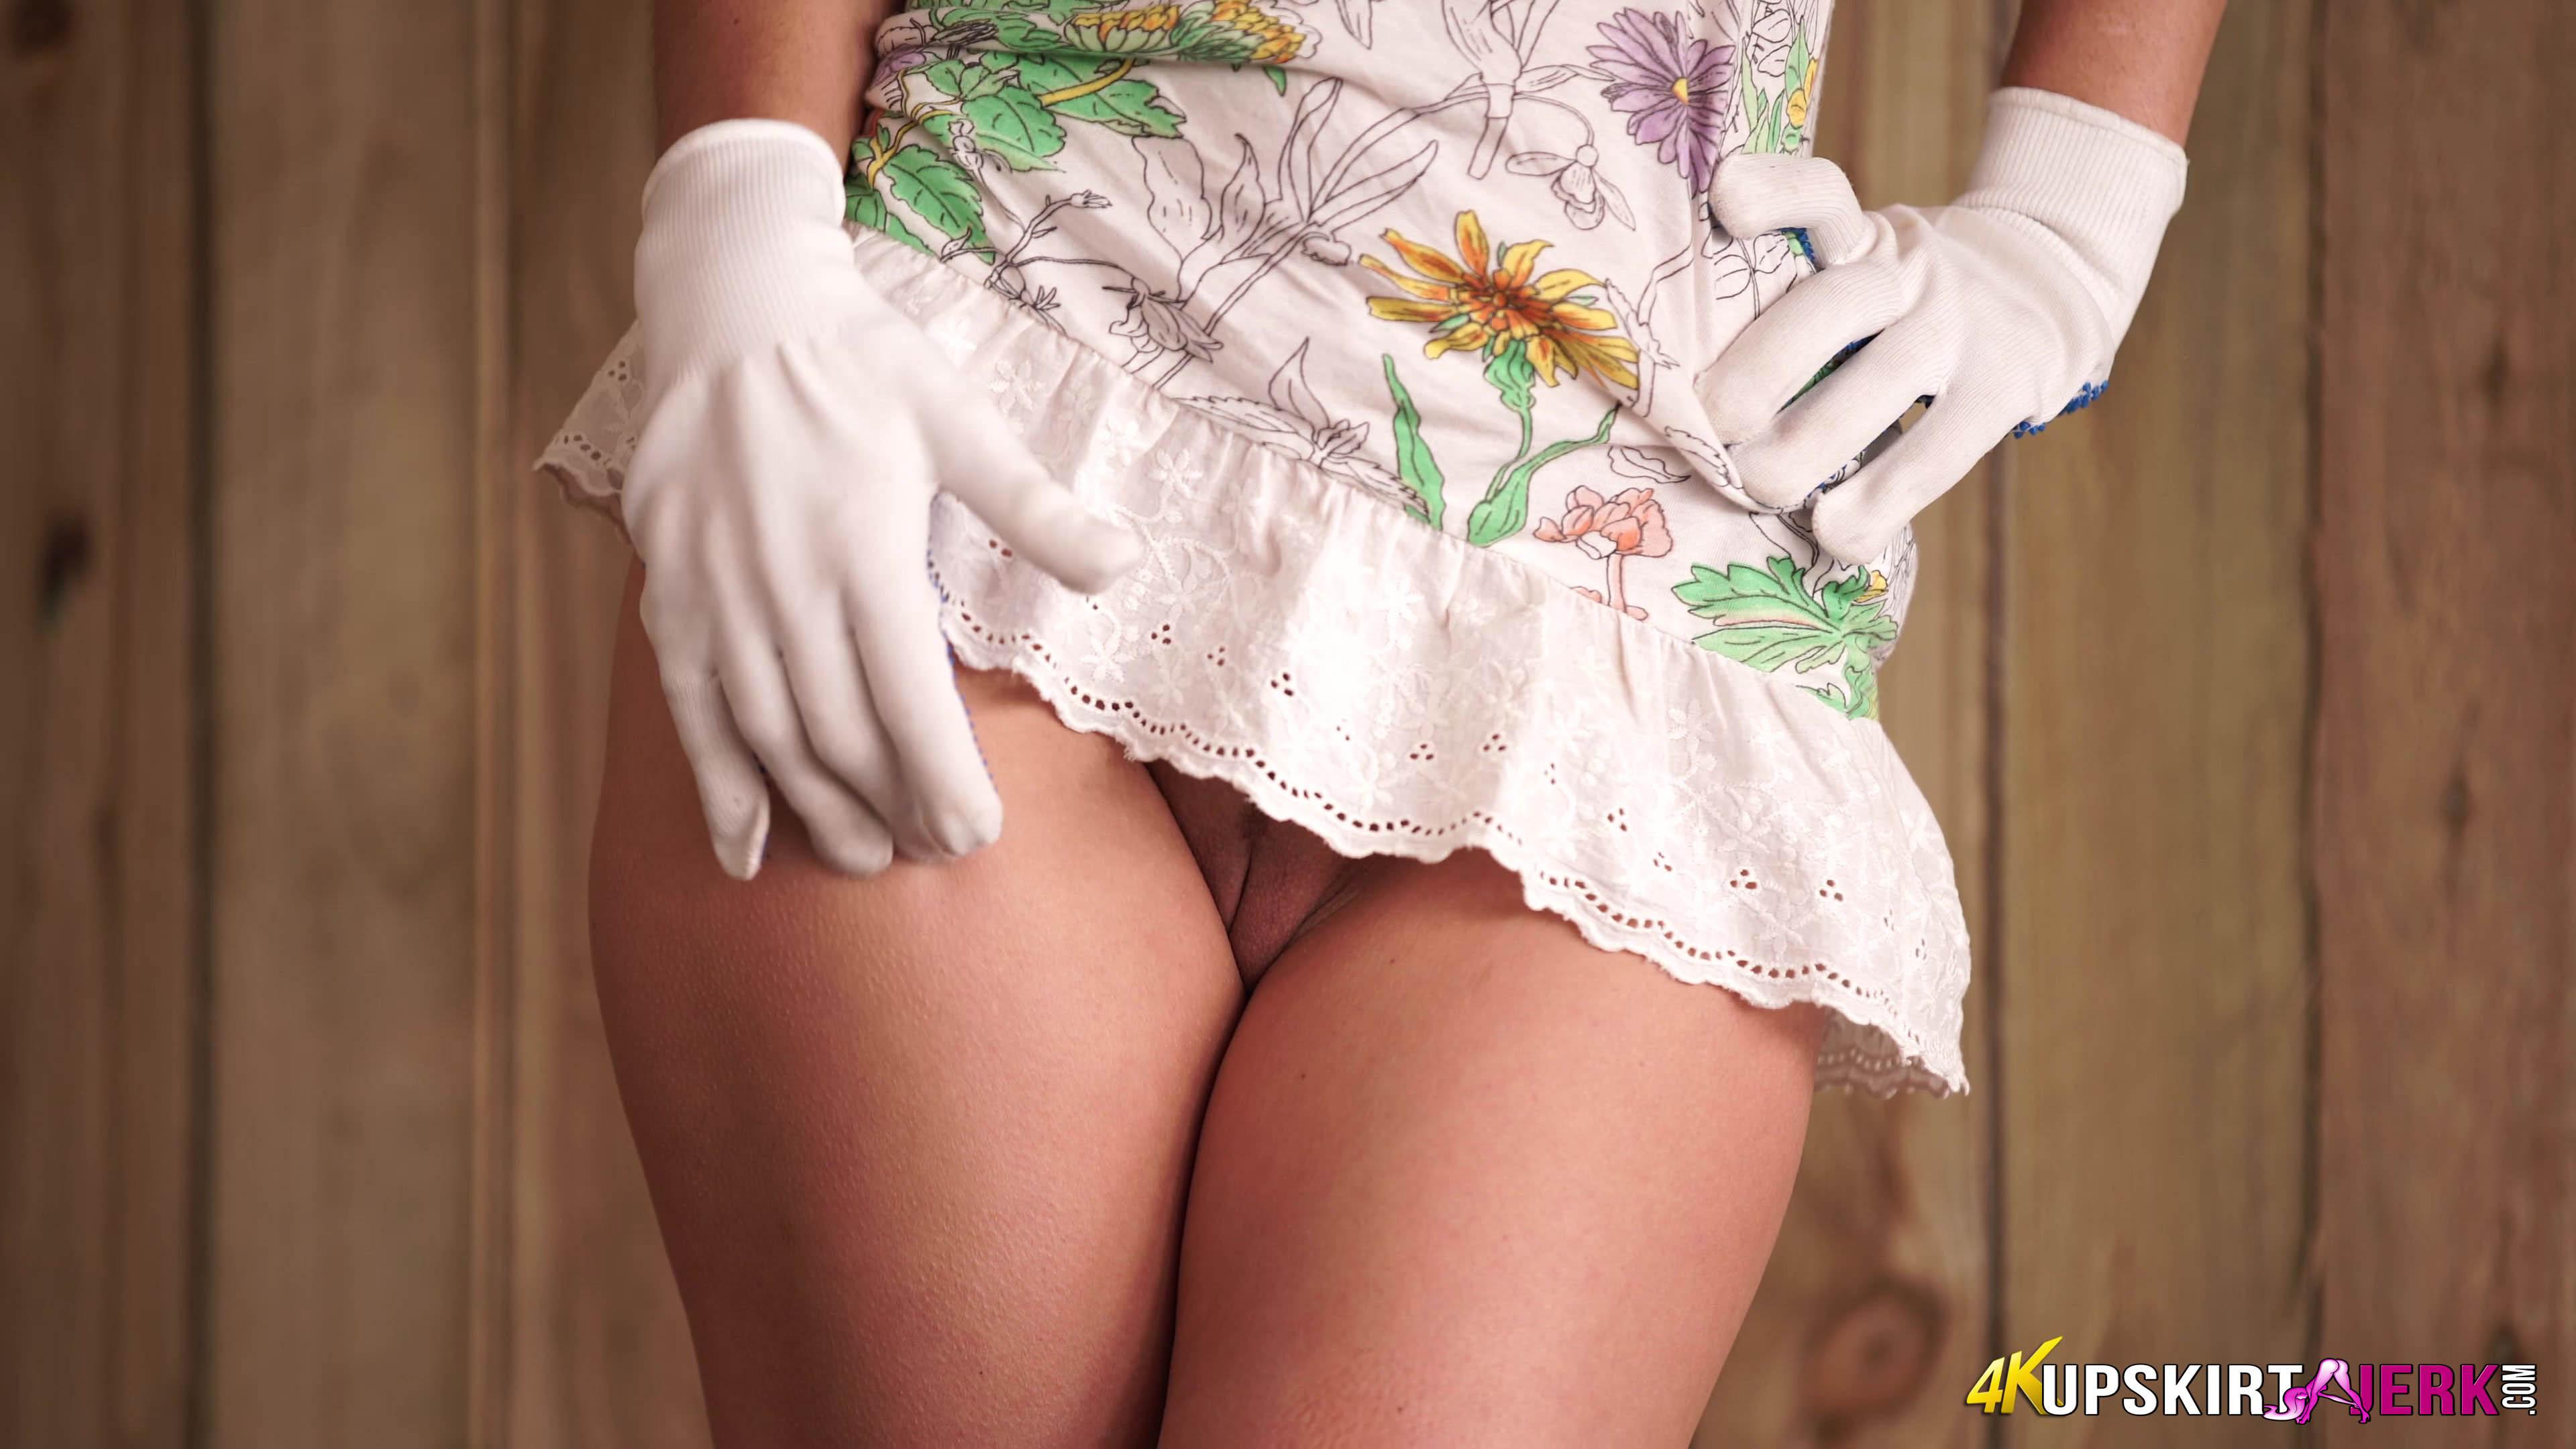 Трусы под платьем, Под юбкой без трусов видео - смотретьроликов онлайн 4 фотография